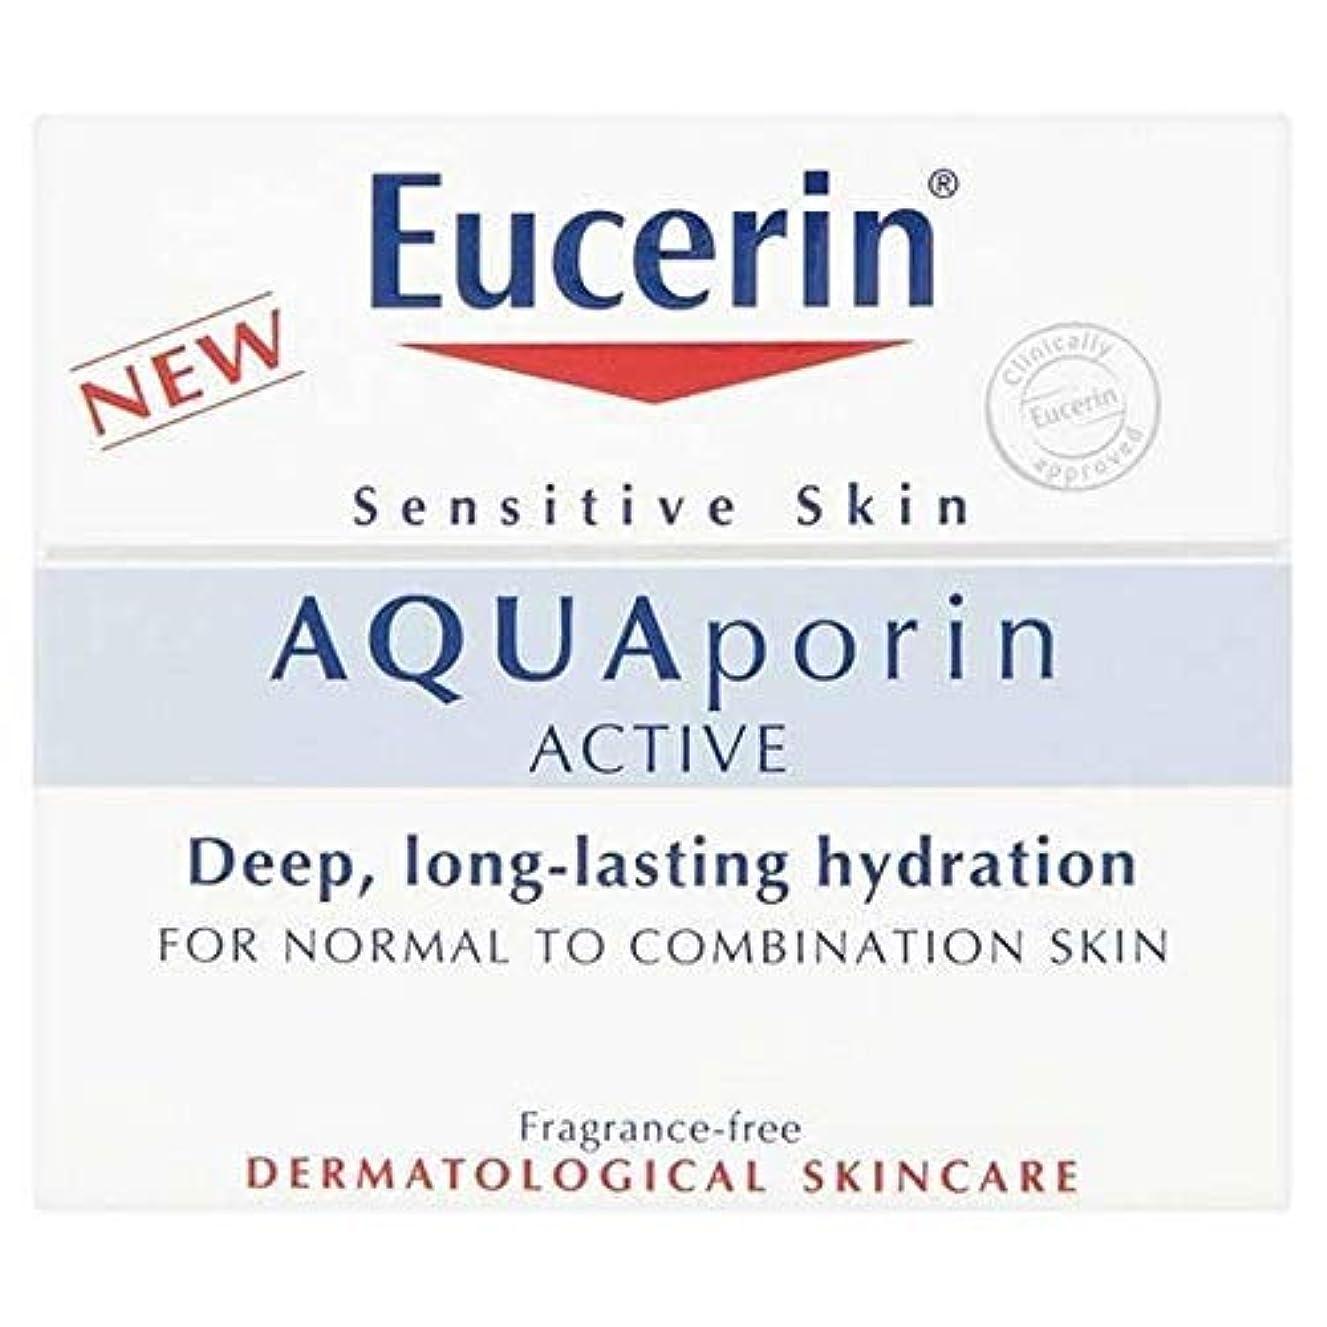 一次付添人有罪[Eucerin ] ノーマル/櫛皮膚50ミリリットルのためのユーセリンアクアポリンアクティブ水和 - Eucerin Aquaporin Active Hydration for Normal/Comb Skin 50ml [並行輸入品]